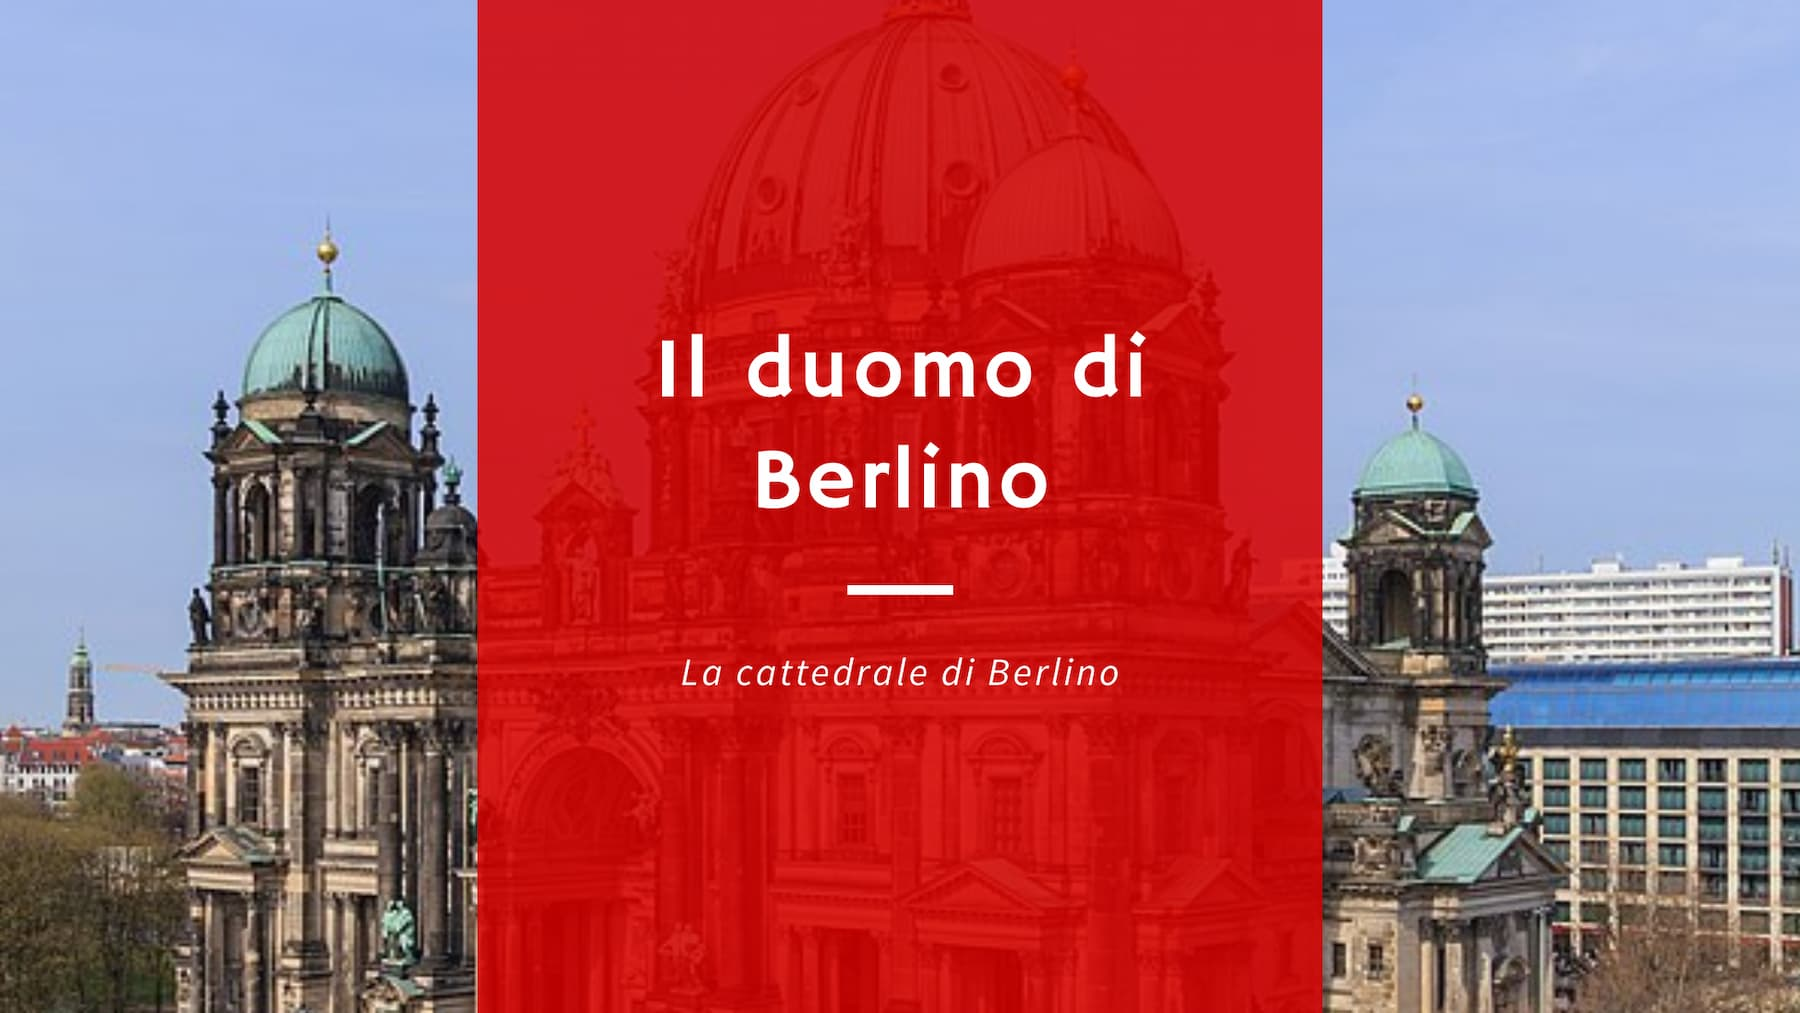 Il duomo di berlino spiegato ai turisti